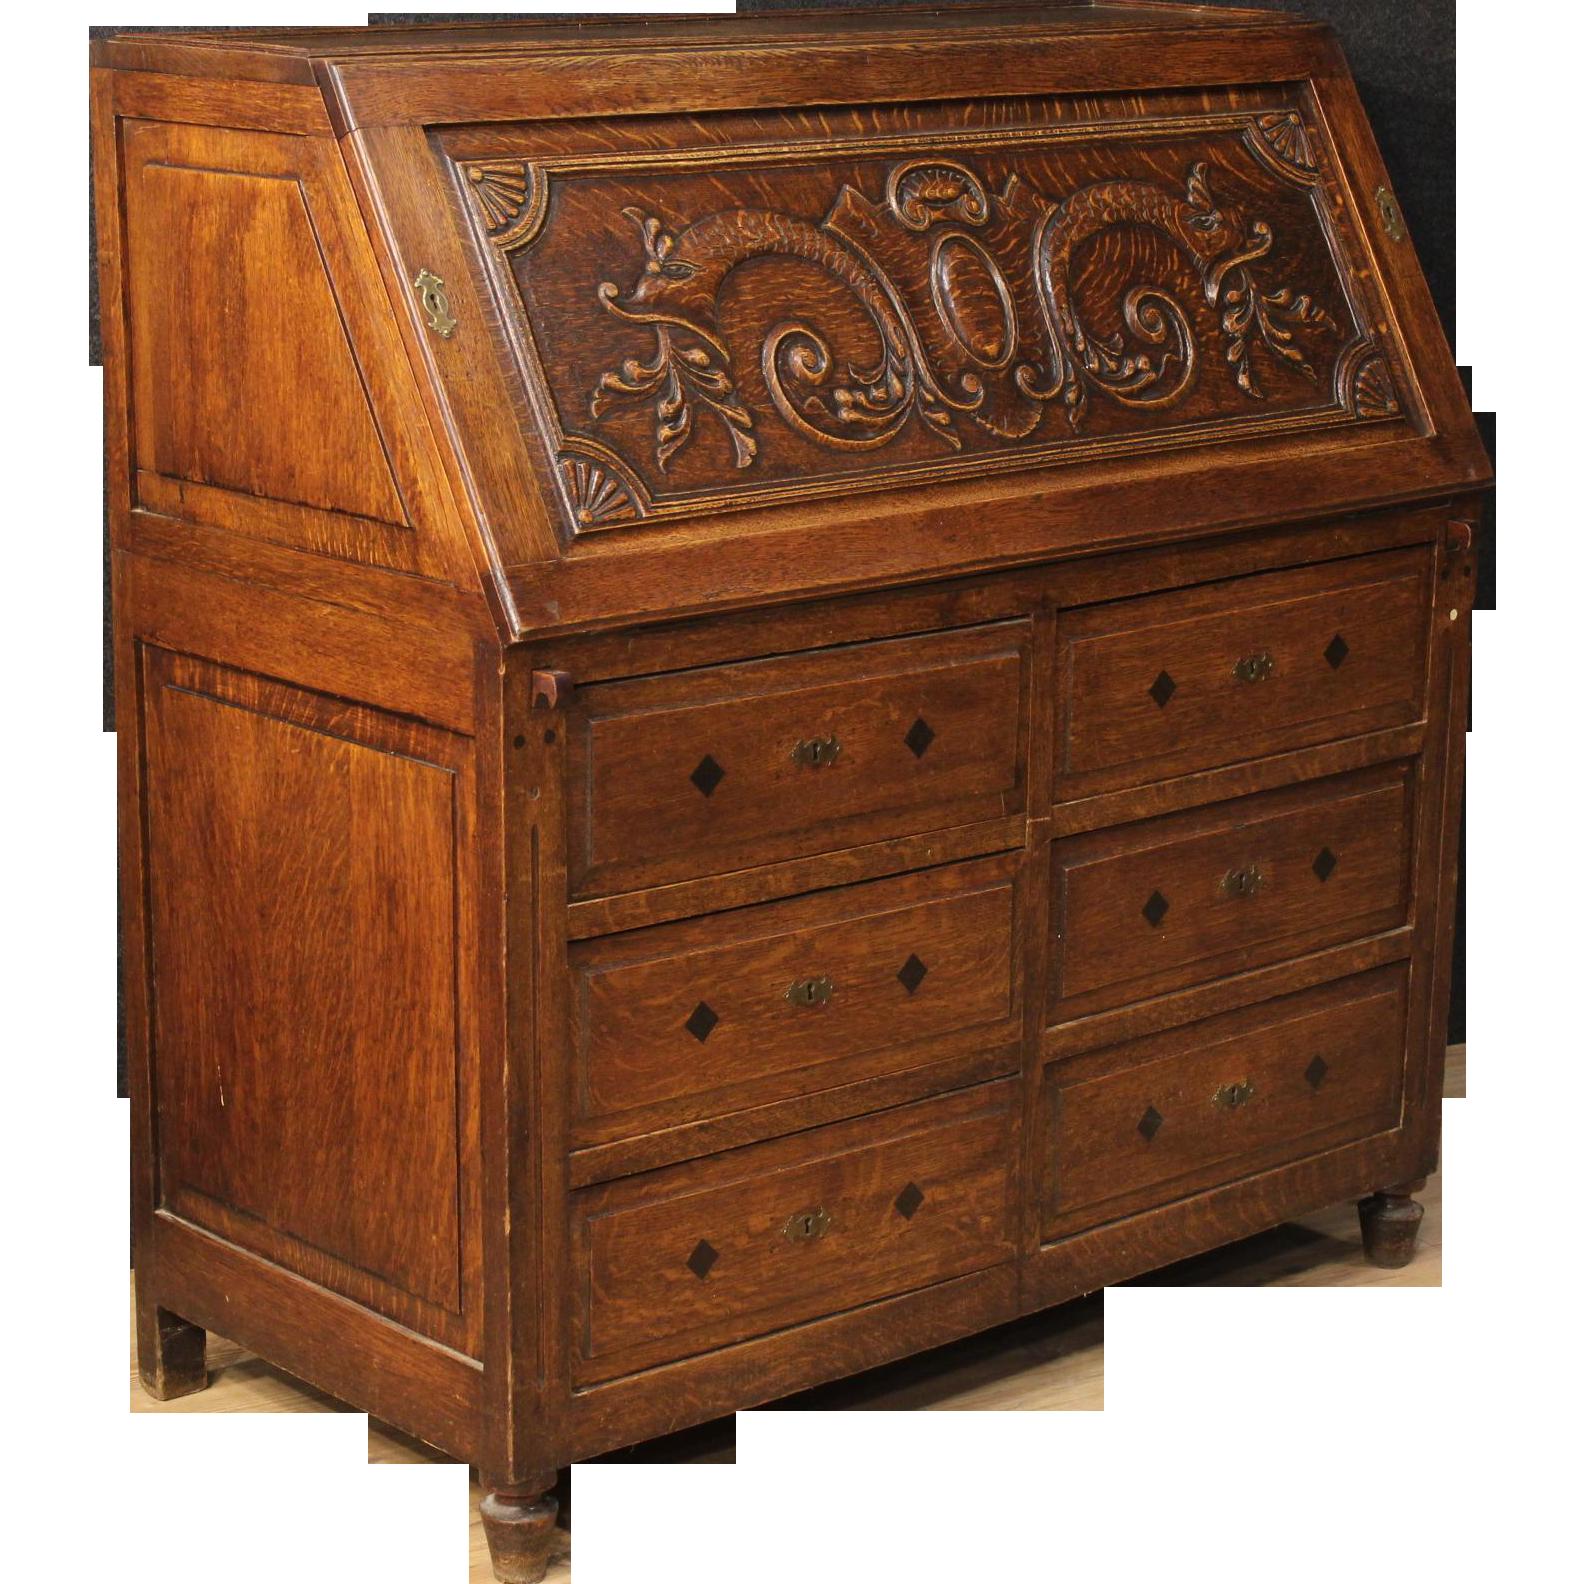 19th century dutch bureau from parino mercato antiquario - Bureau secretaire vintage ...